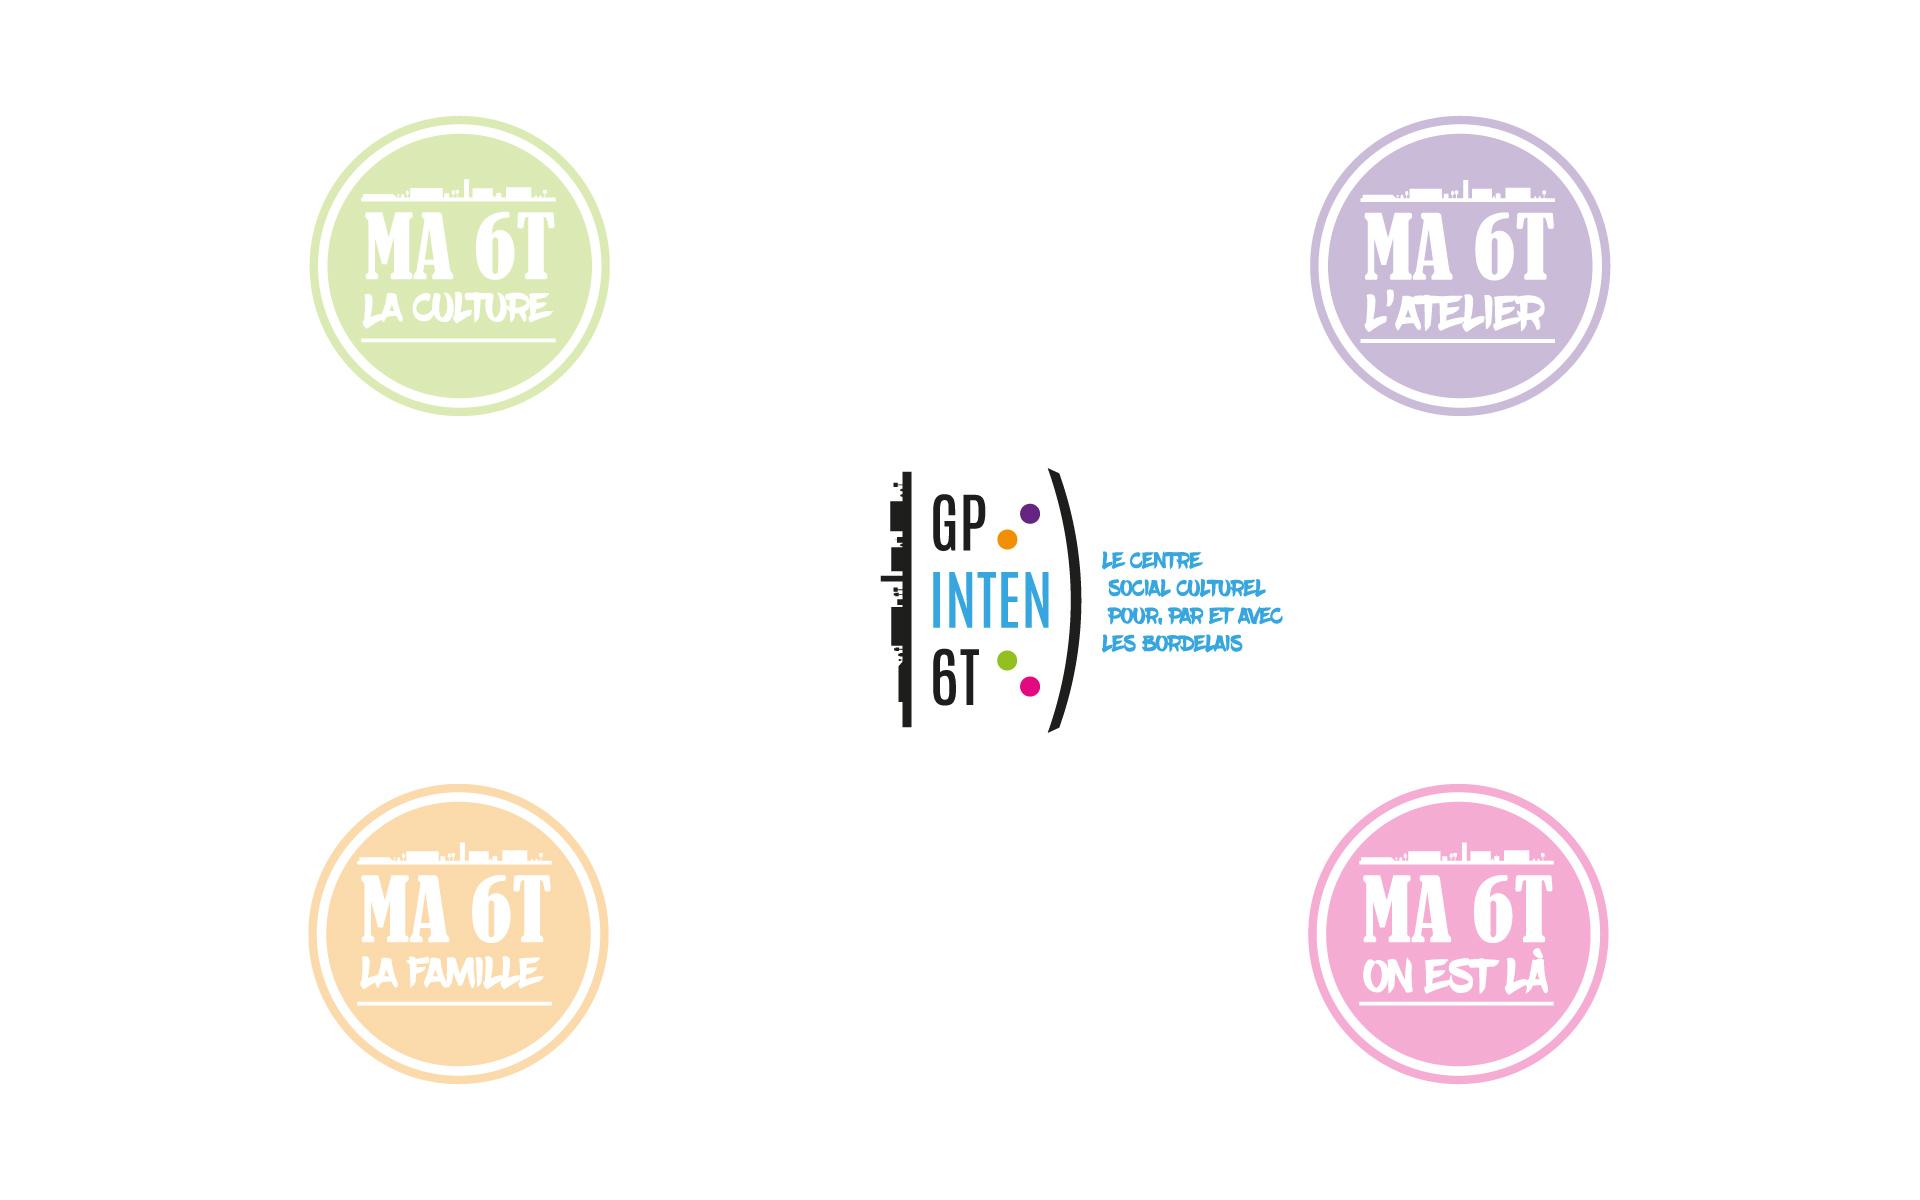 GP INTEN6T